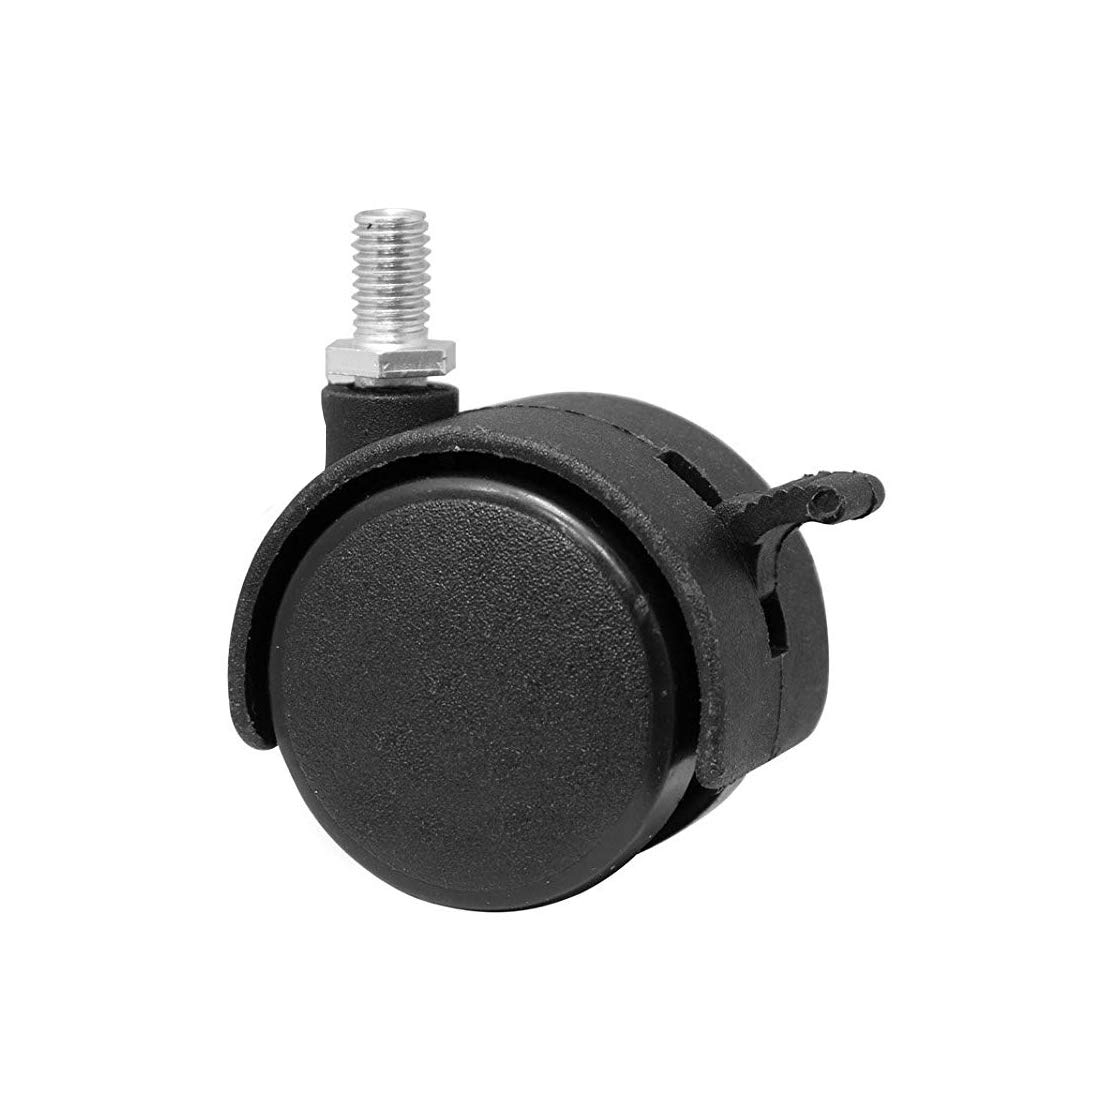 10mm Screw Stem 1.5 Dia Wheel Plastic Swivel Brake Caster Wheels Casters,Uotyle Threaded Stem Caster Wheel 5 Pcs Black